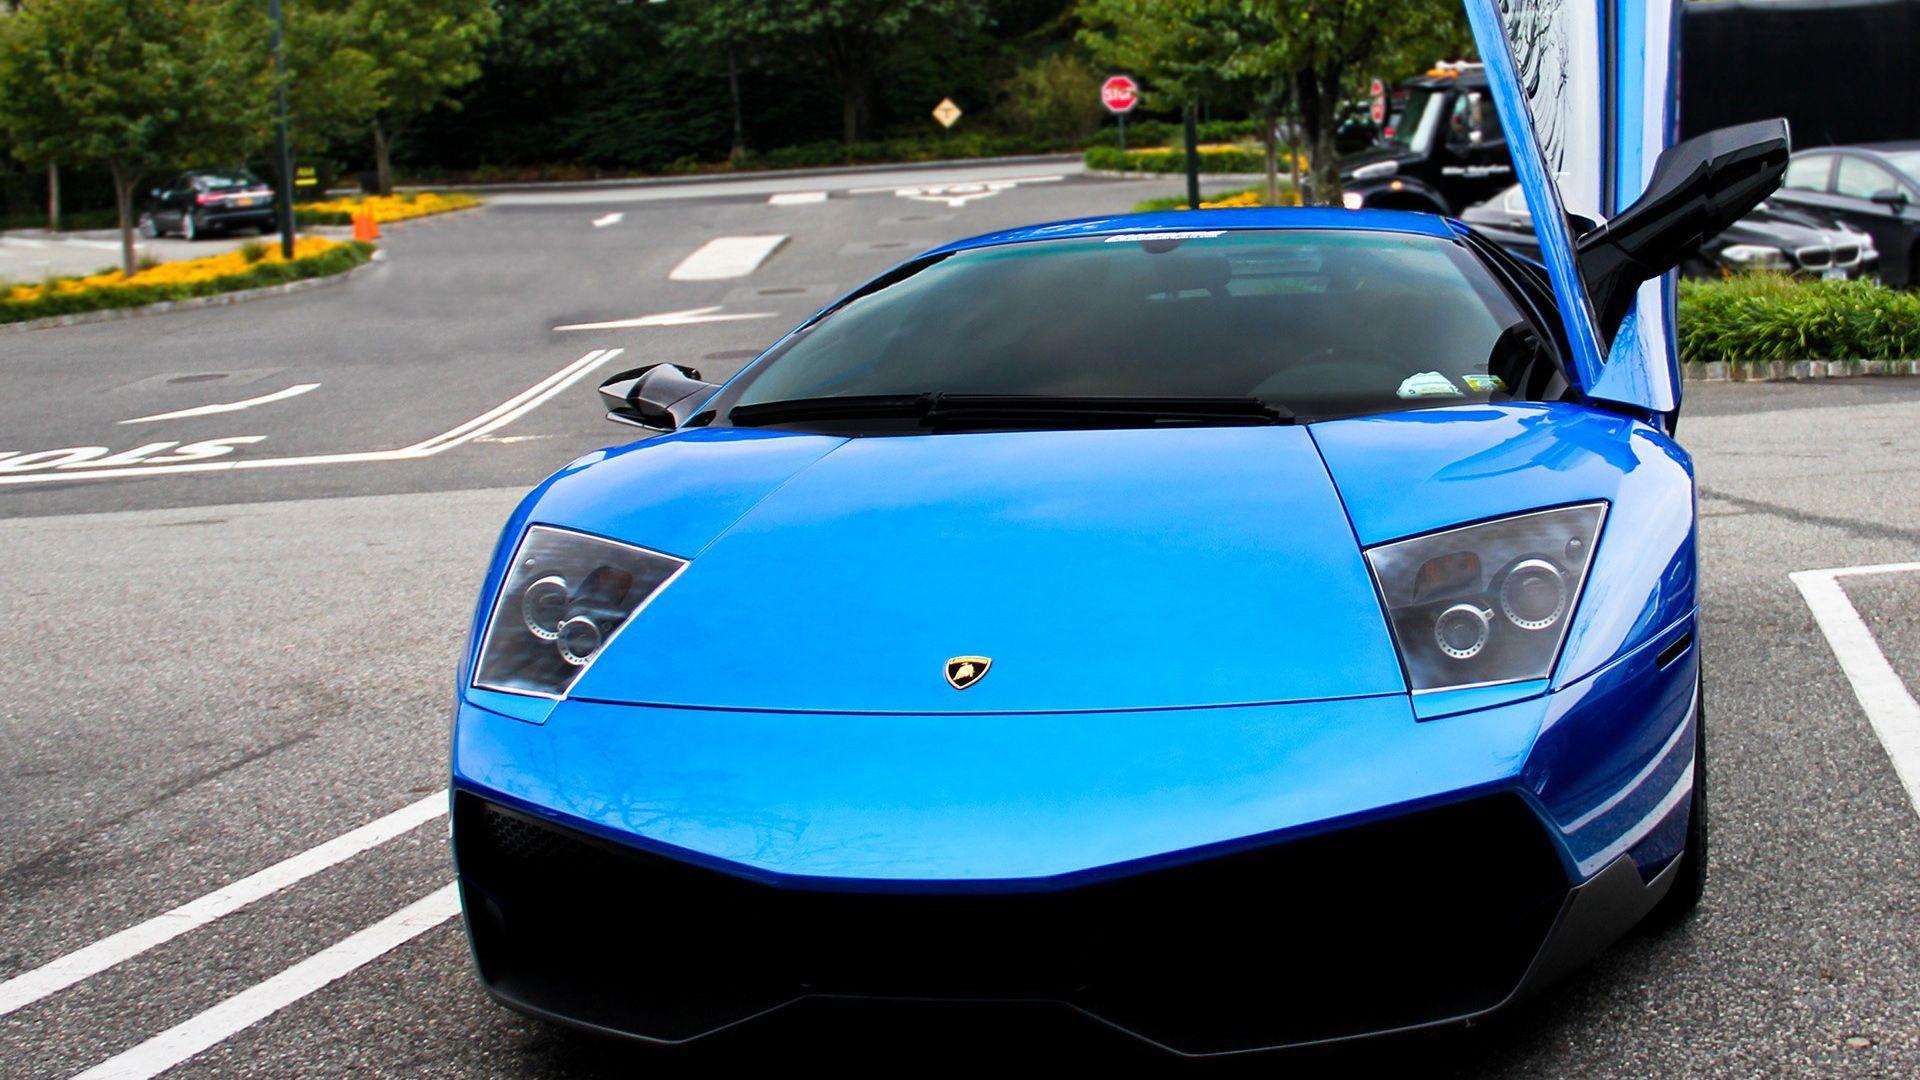 Blue Lamborghini Car Wallpapers